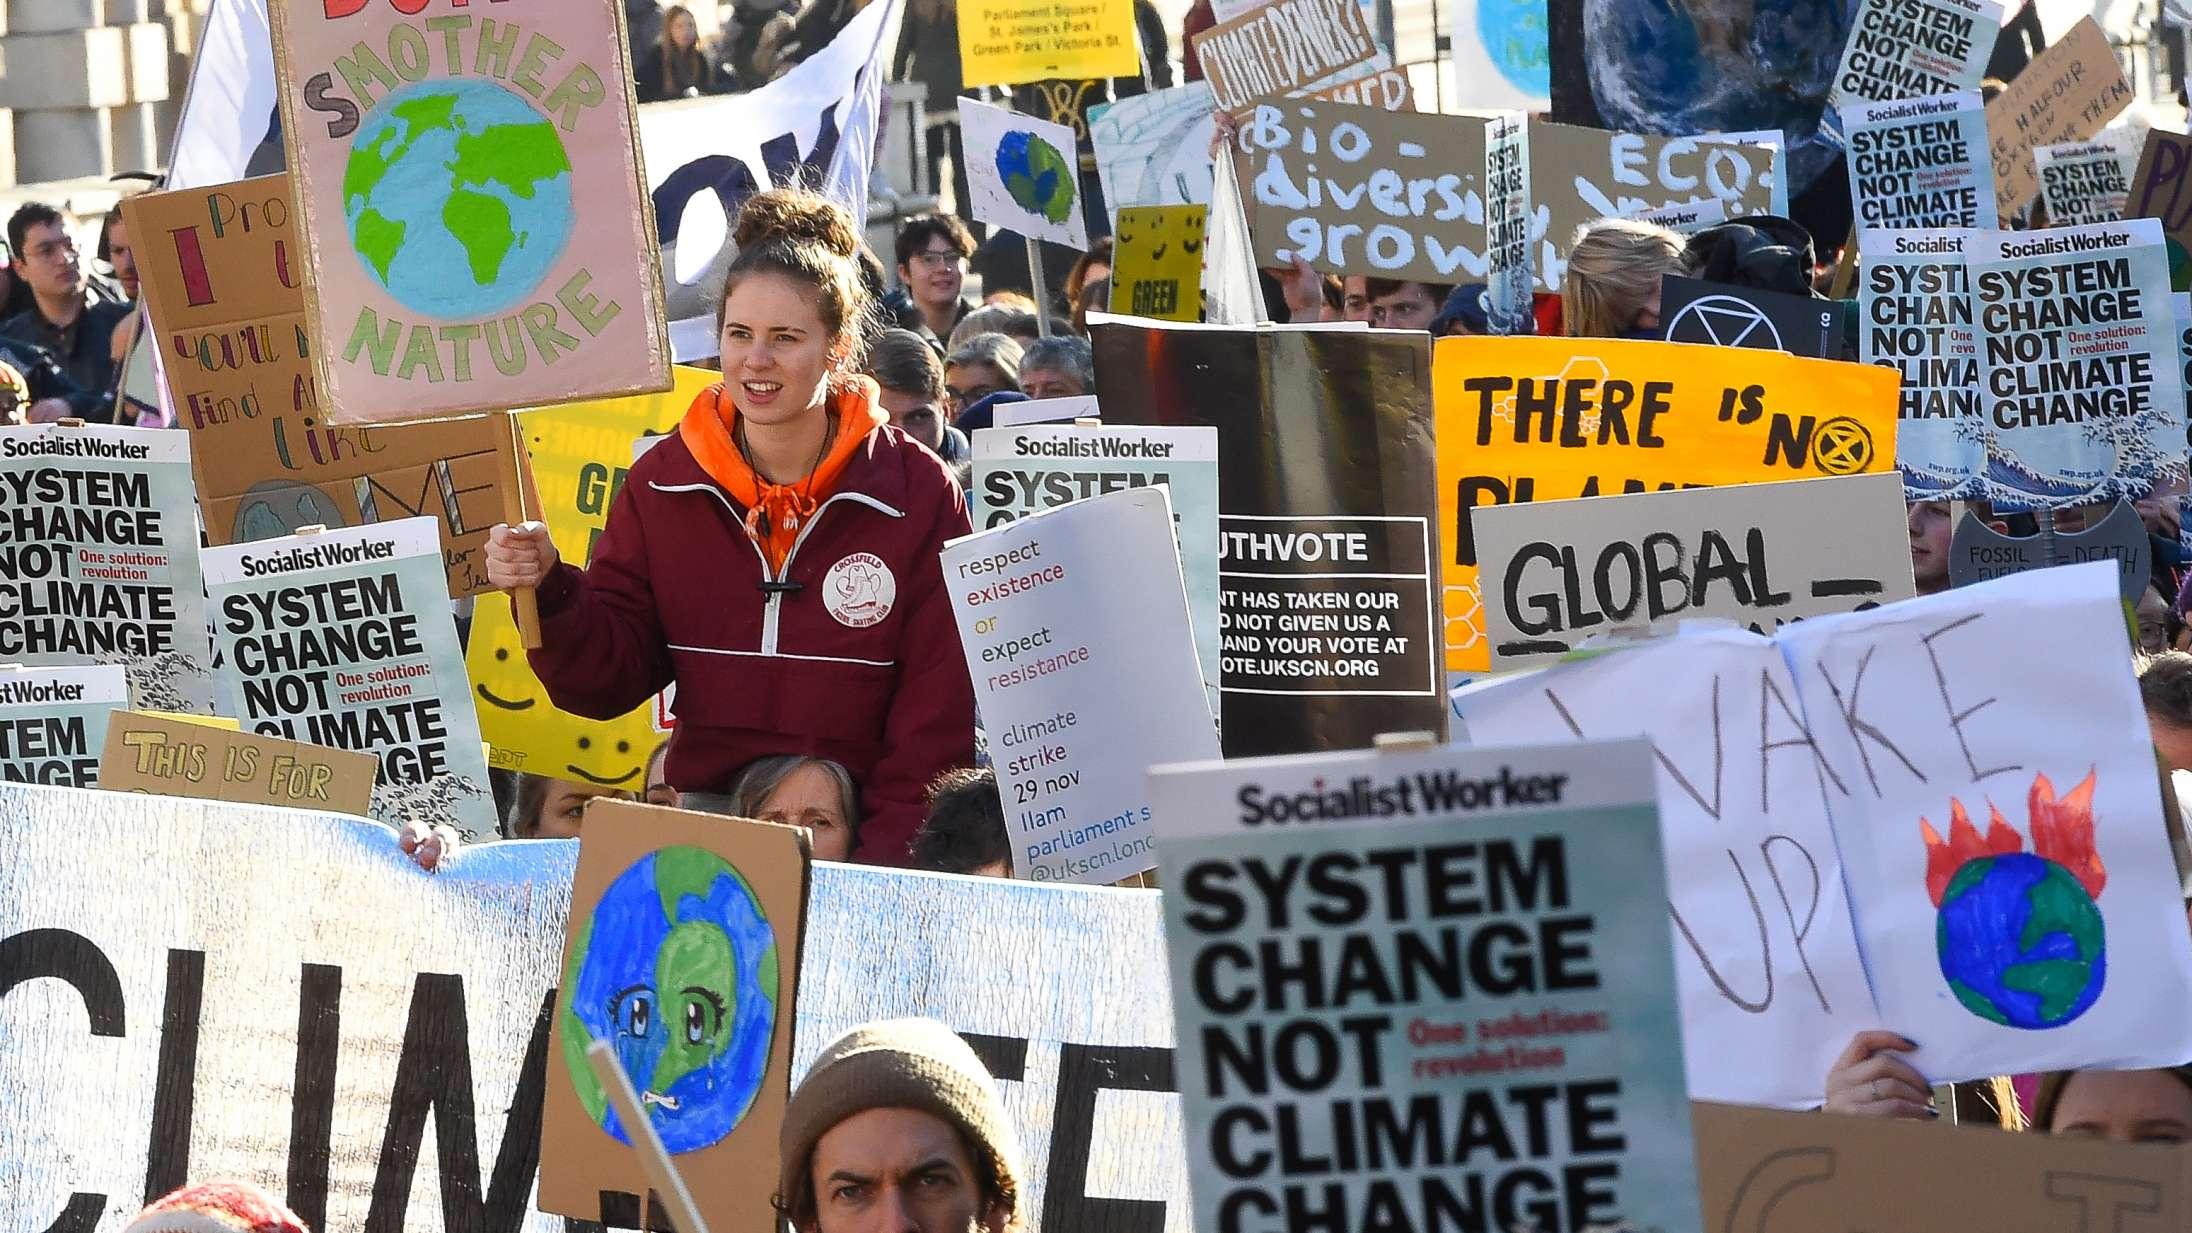 Jeg har mistet troen på den bæredygtige forbruger. Nu vil jeg være Greta Thunberg.